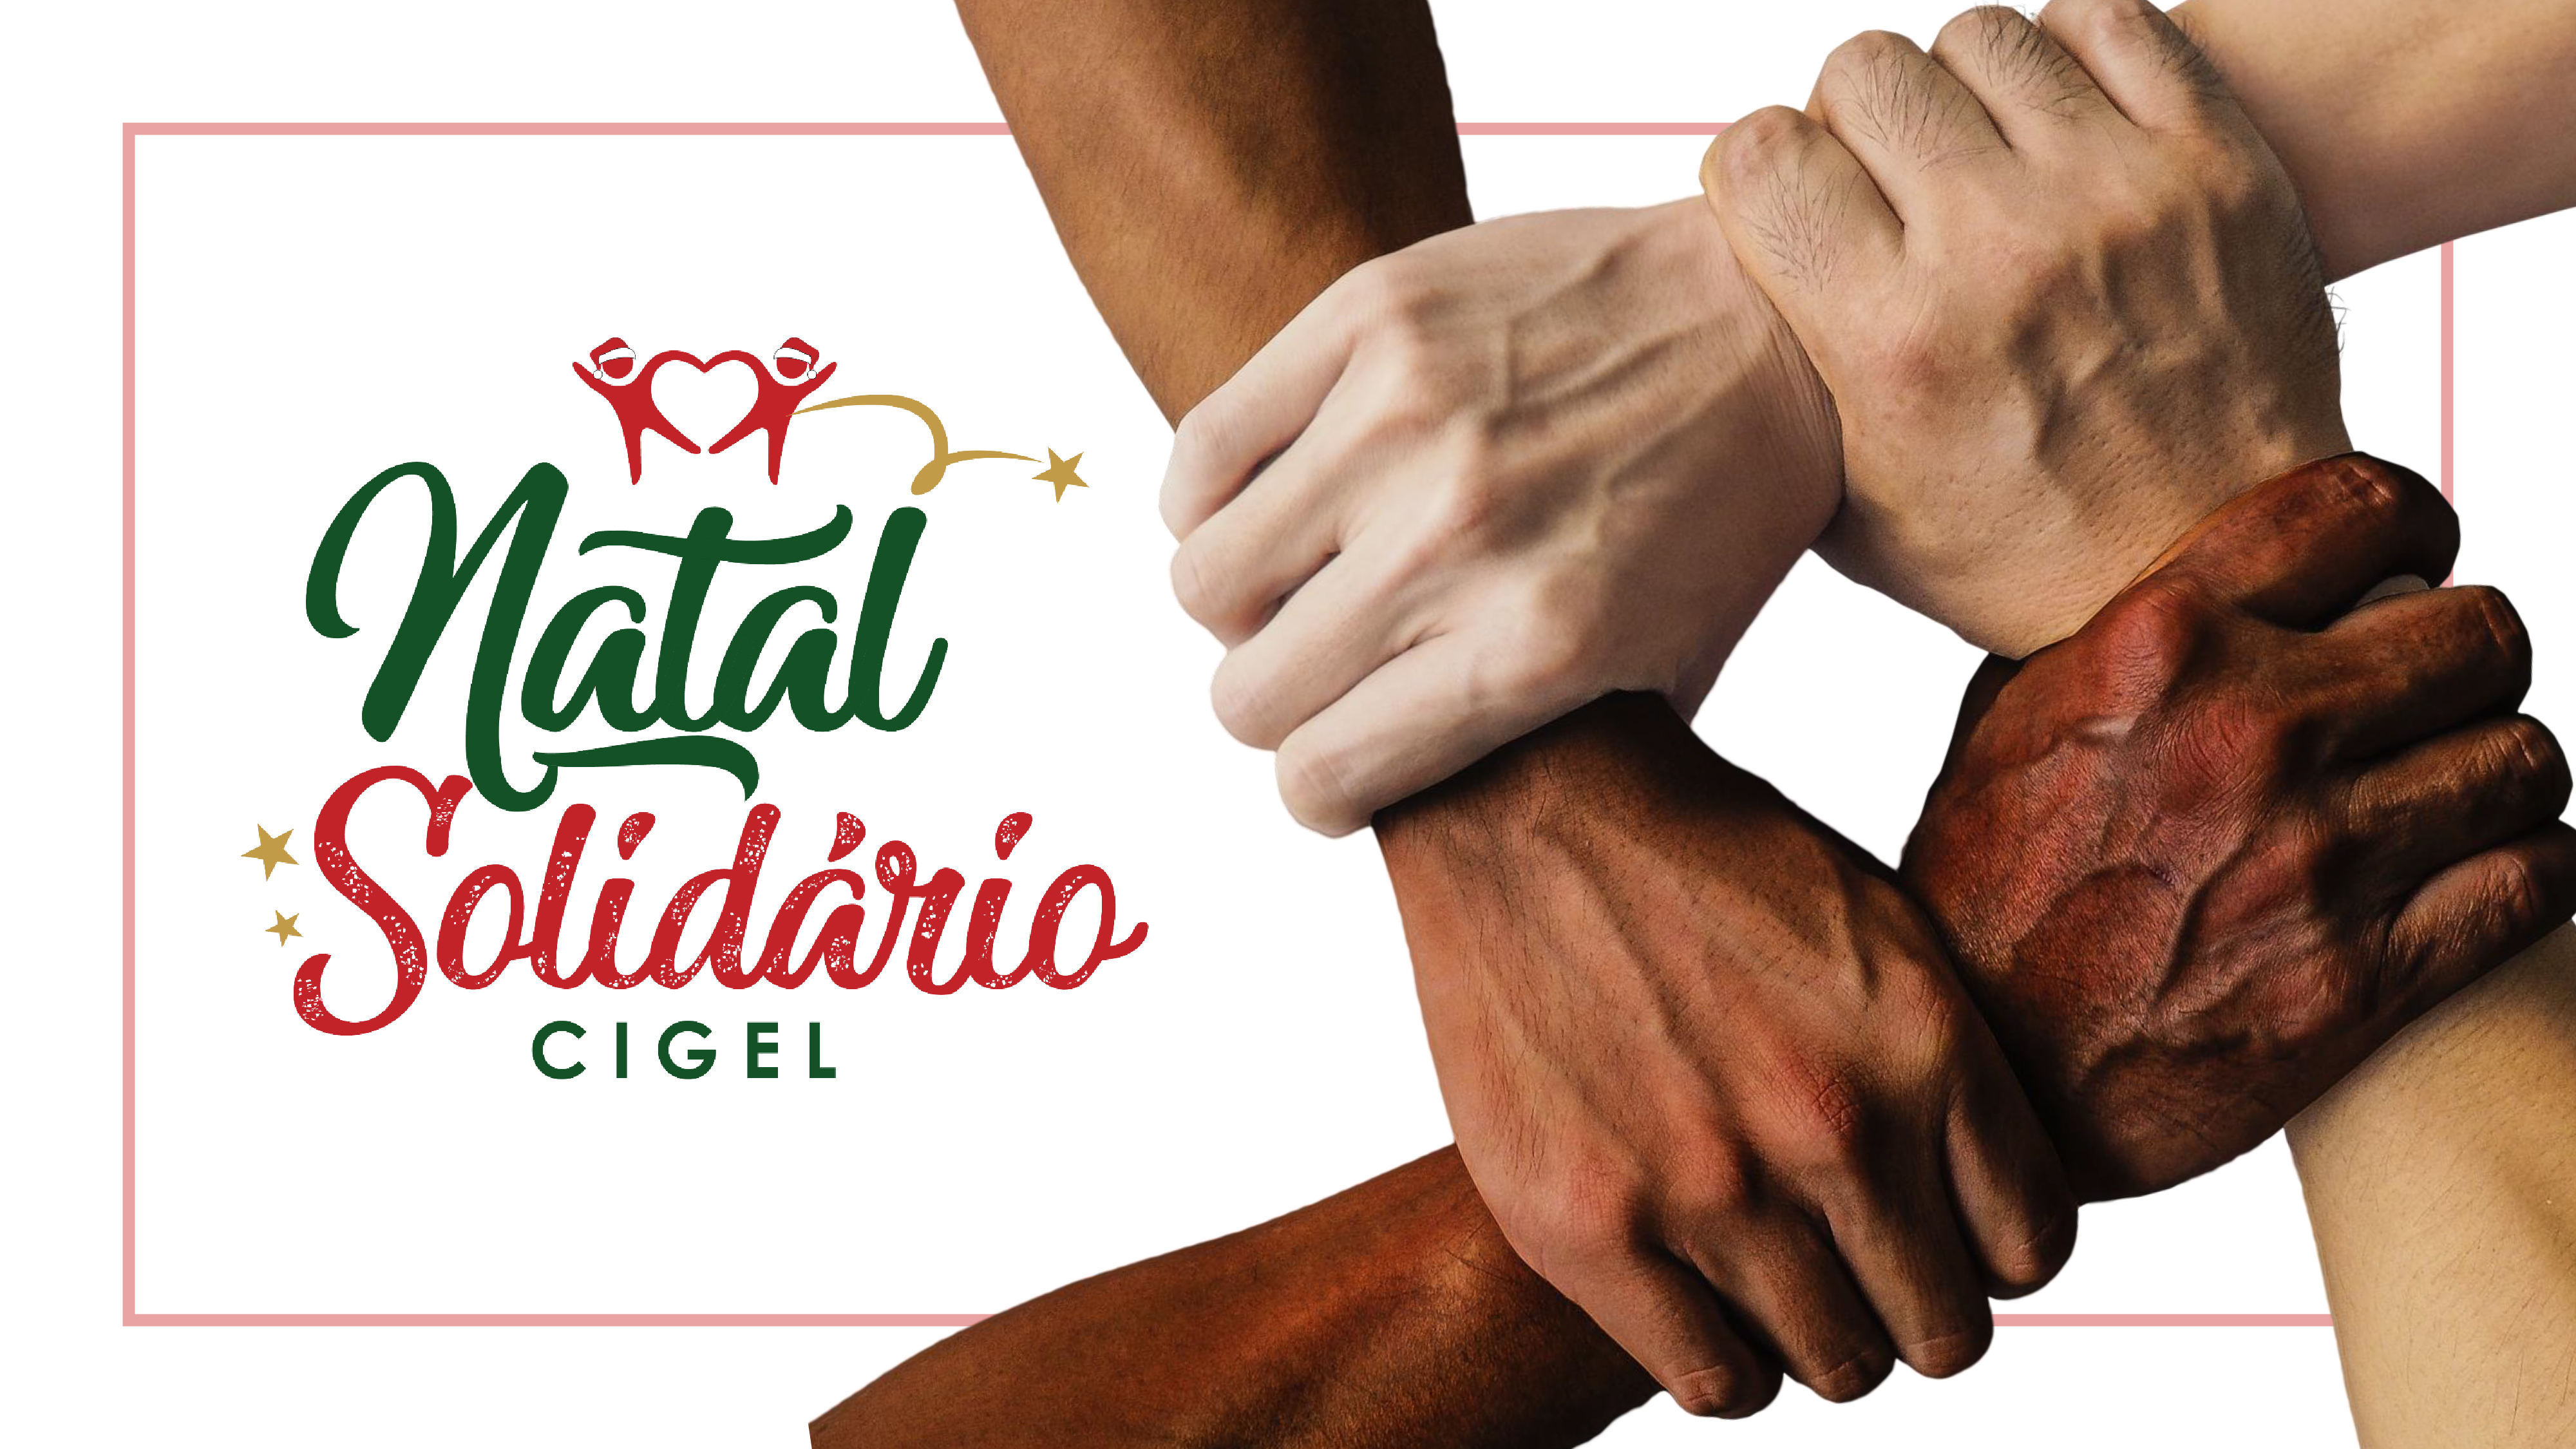 natal-solidario-cigel